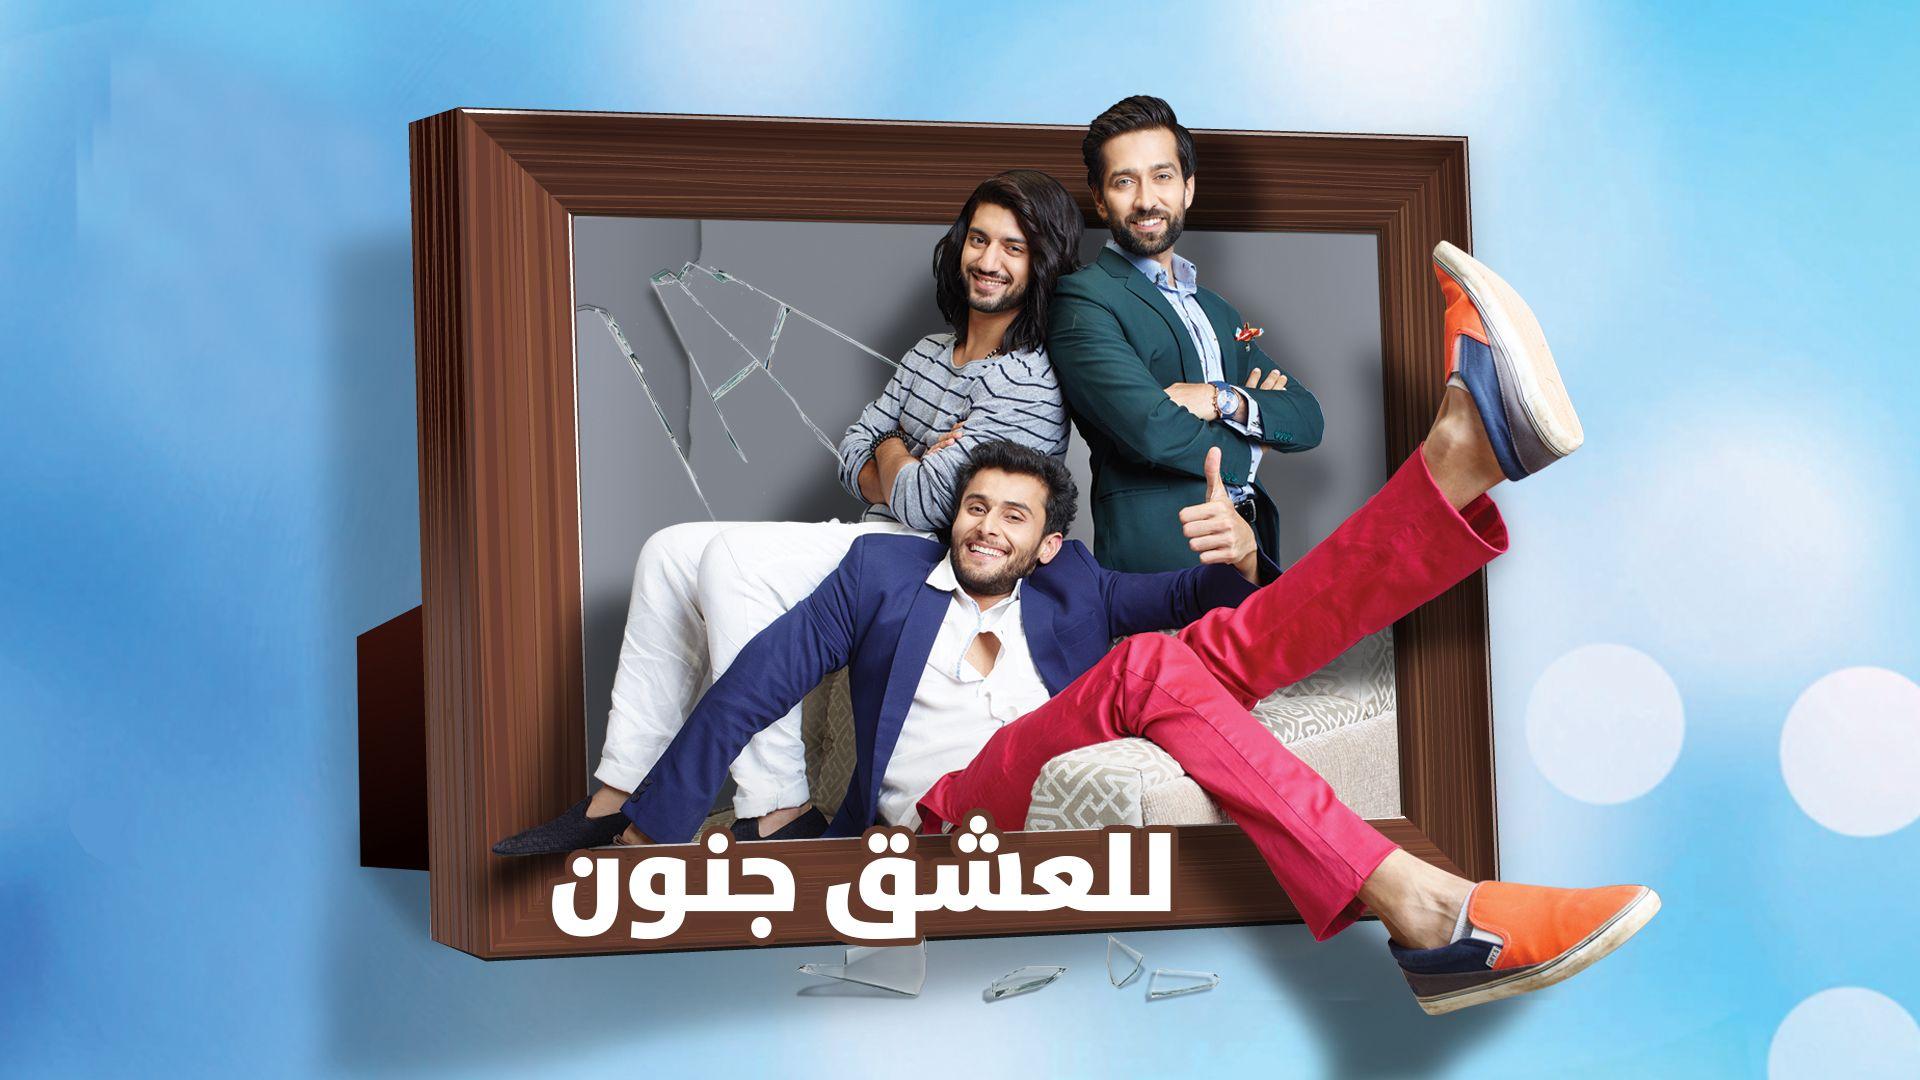 مسلسل للعشق جنون الحلقة 138 المائة وثامنة وثلاثون مدبلجة للعربية HD